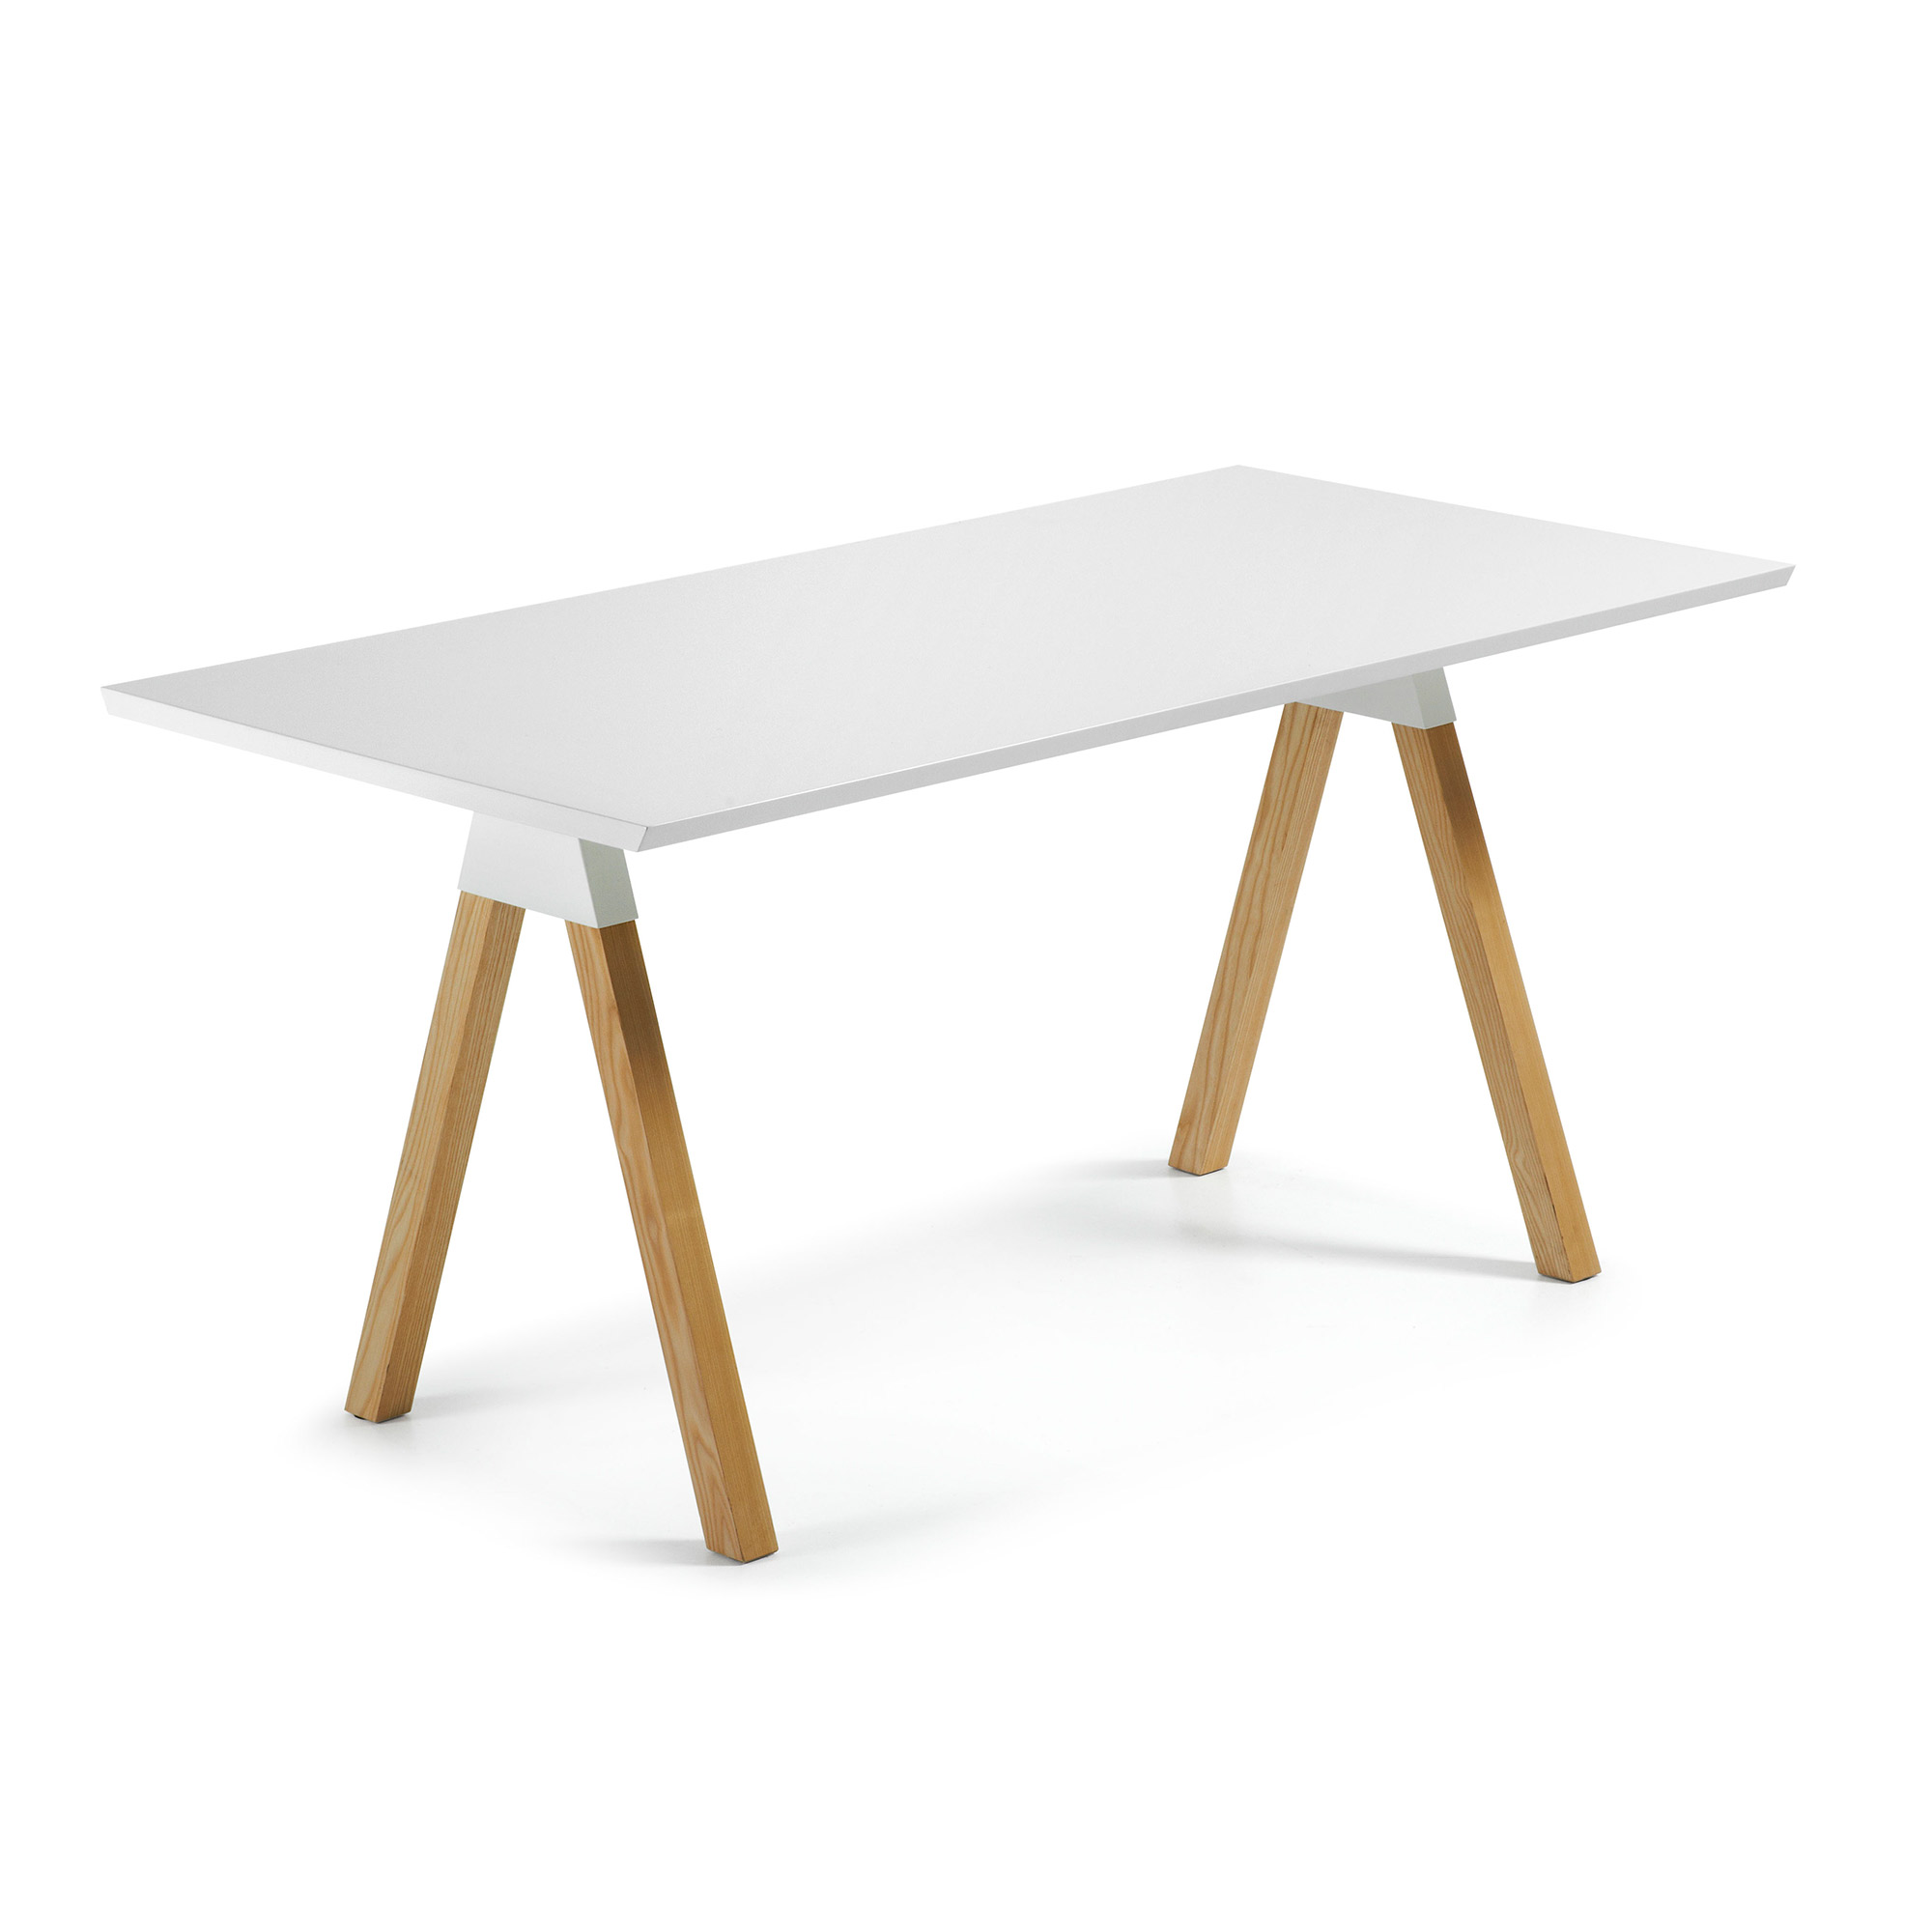 LaForma - Stick Spisebord 160x80 - Natur/Matt hvit LaForma